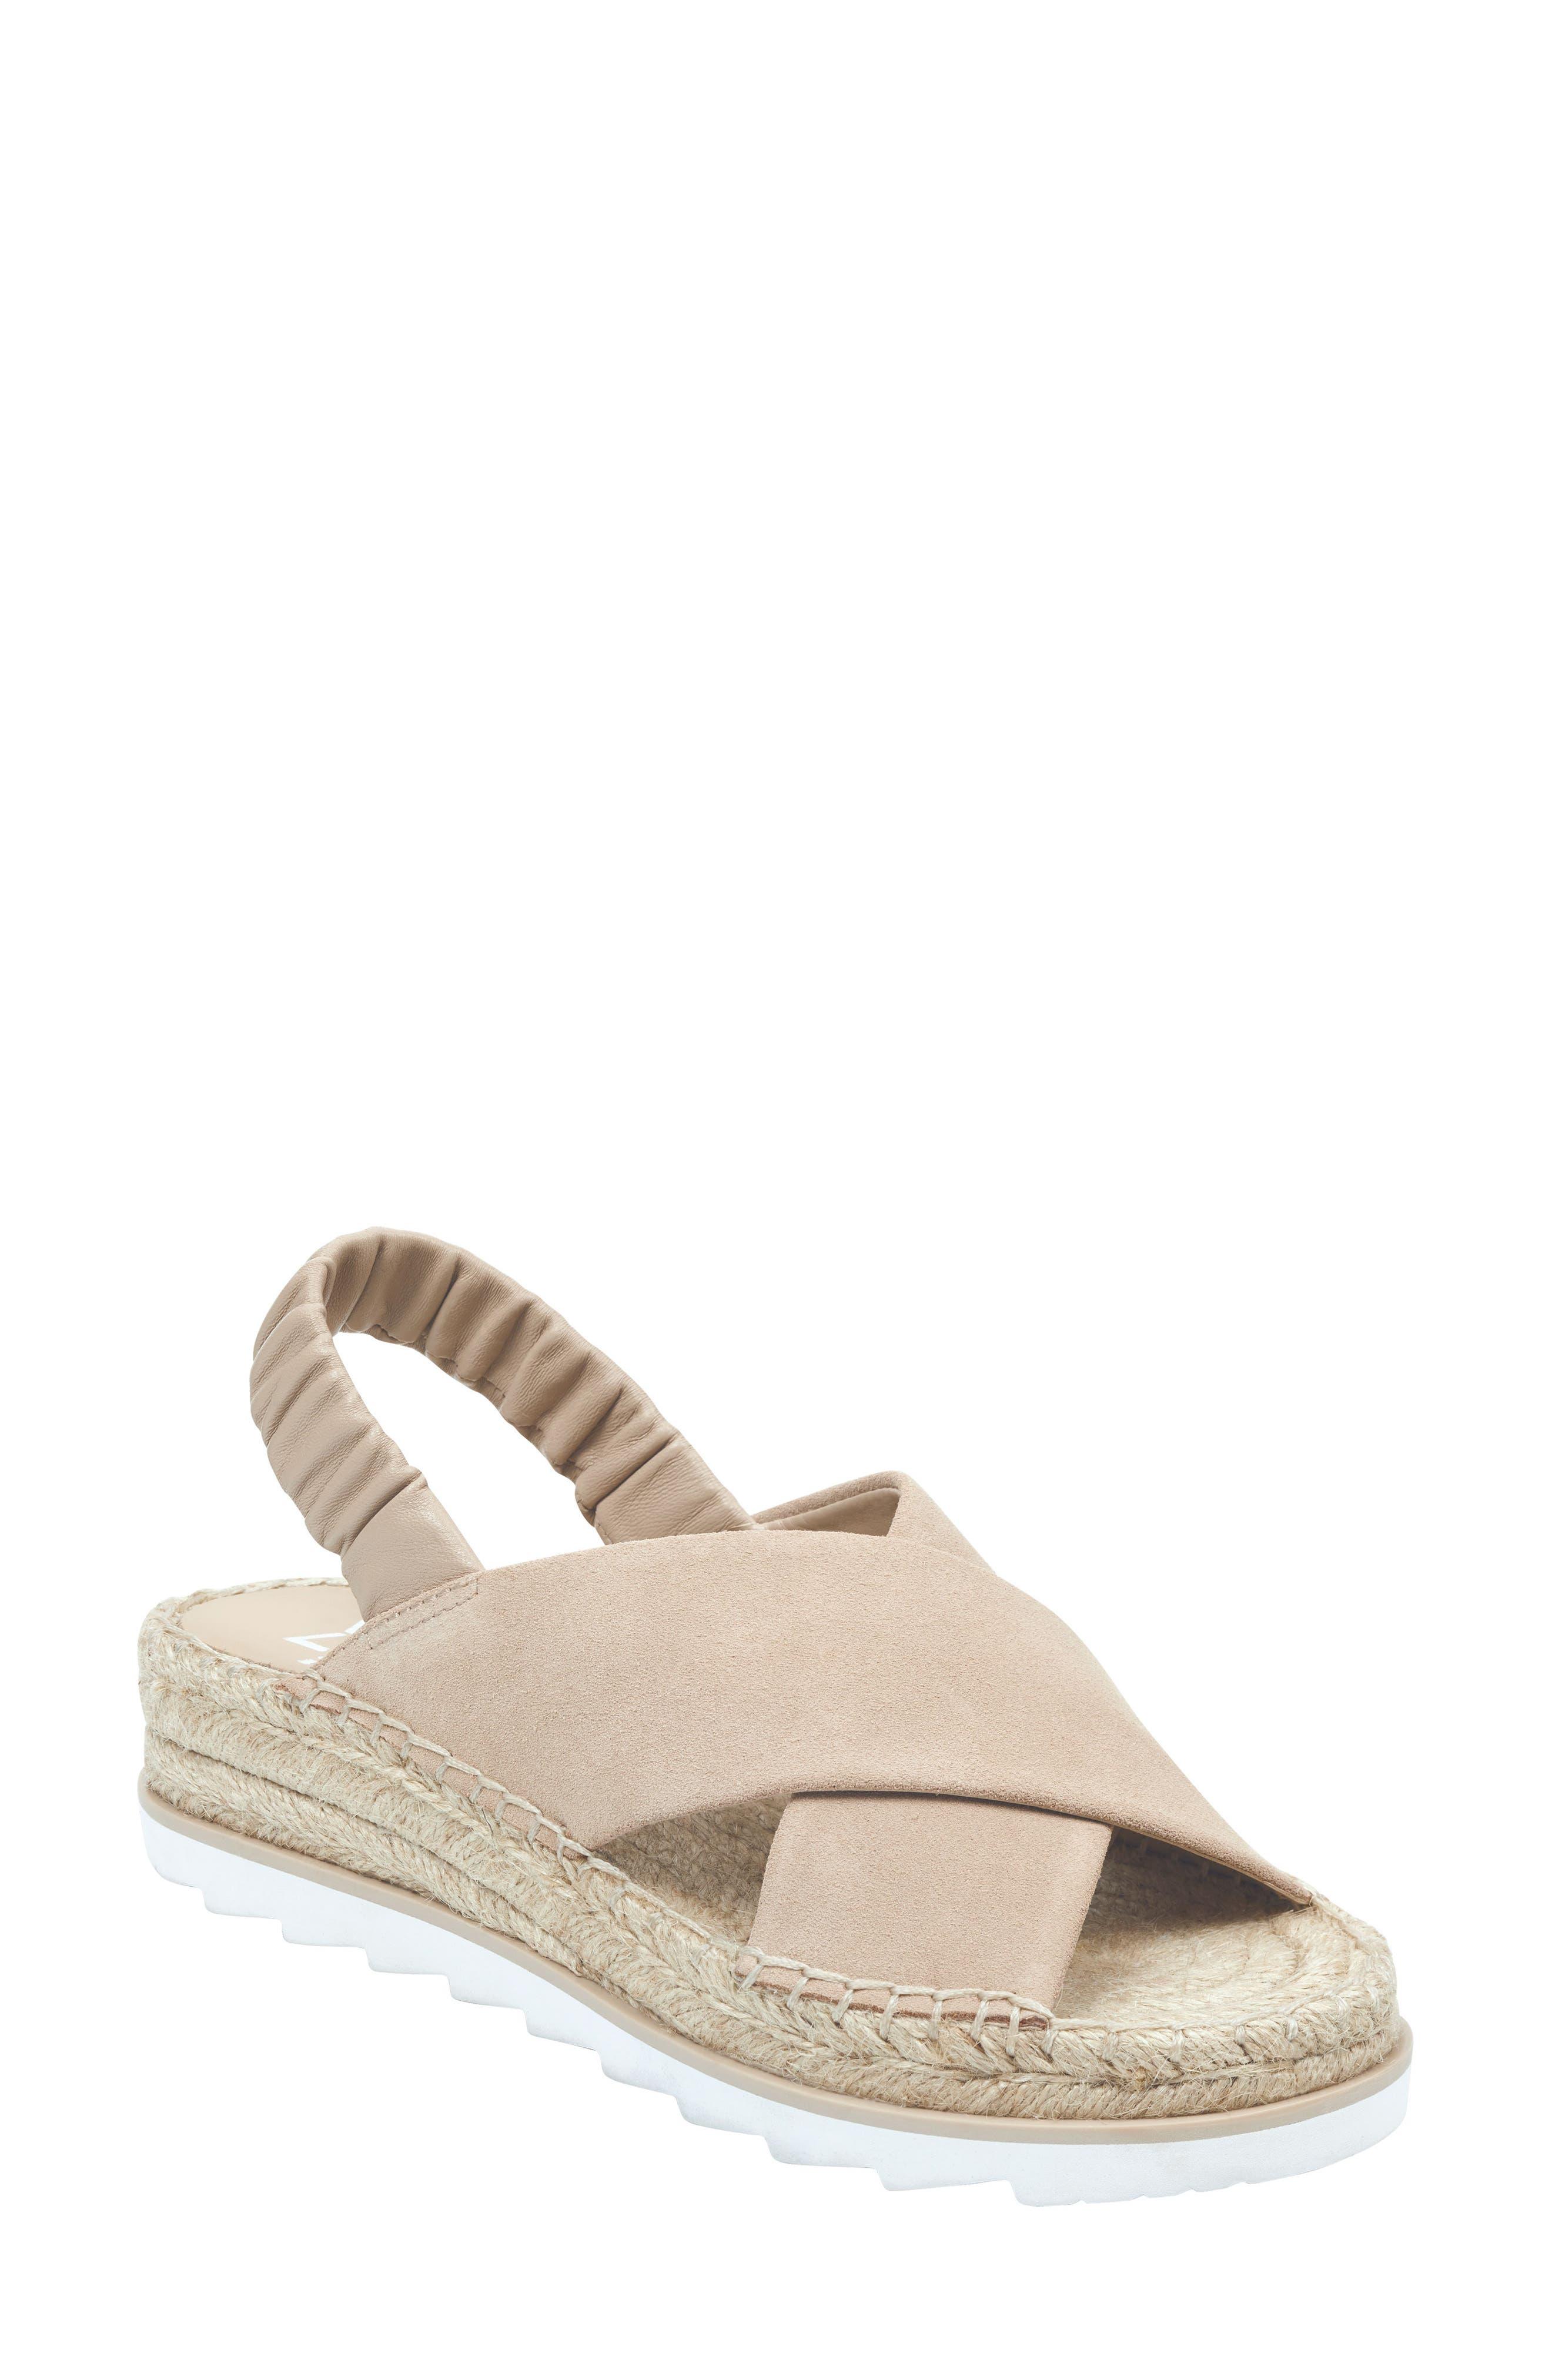 Marc Fisher Ltd Pella Sandal, Beige